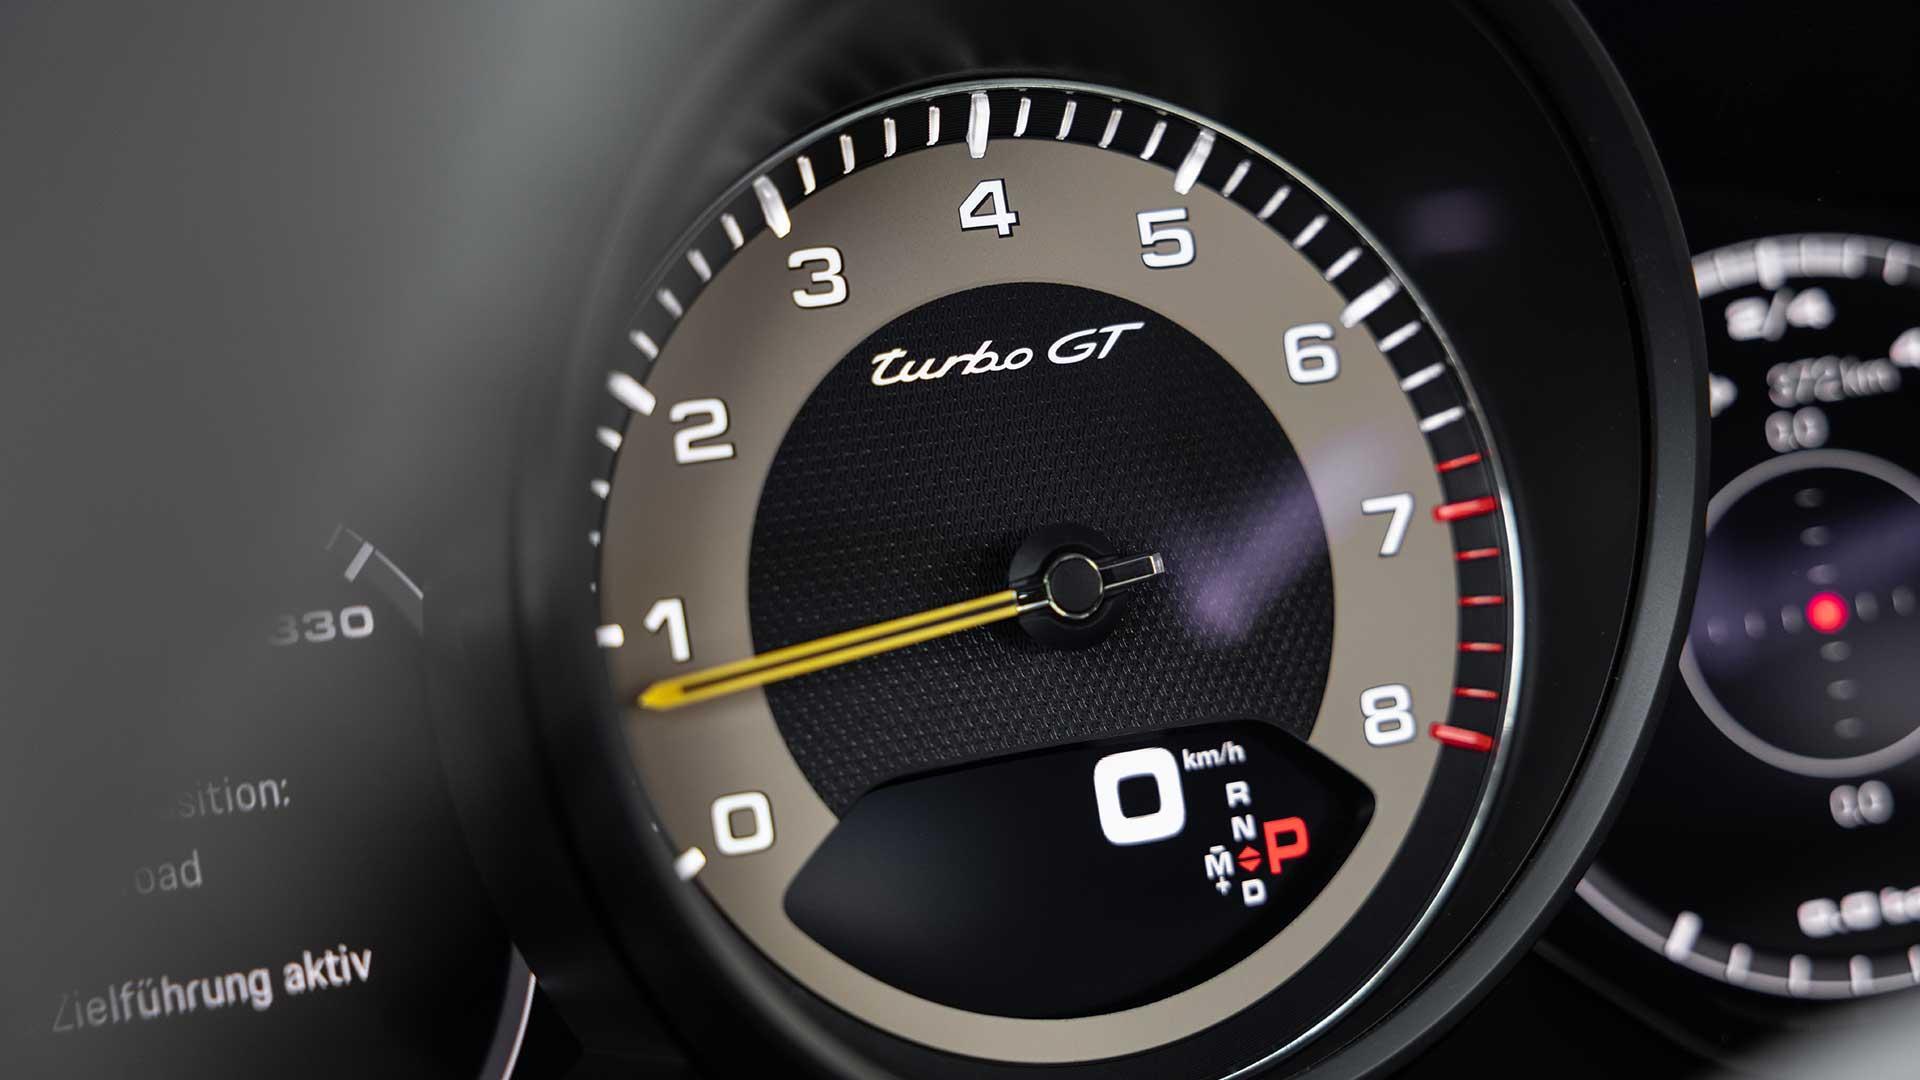 Teller Porsche Cayenne Turbo GT